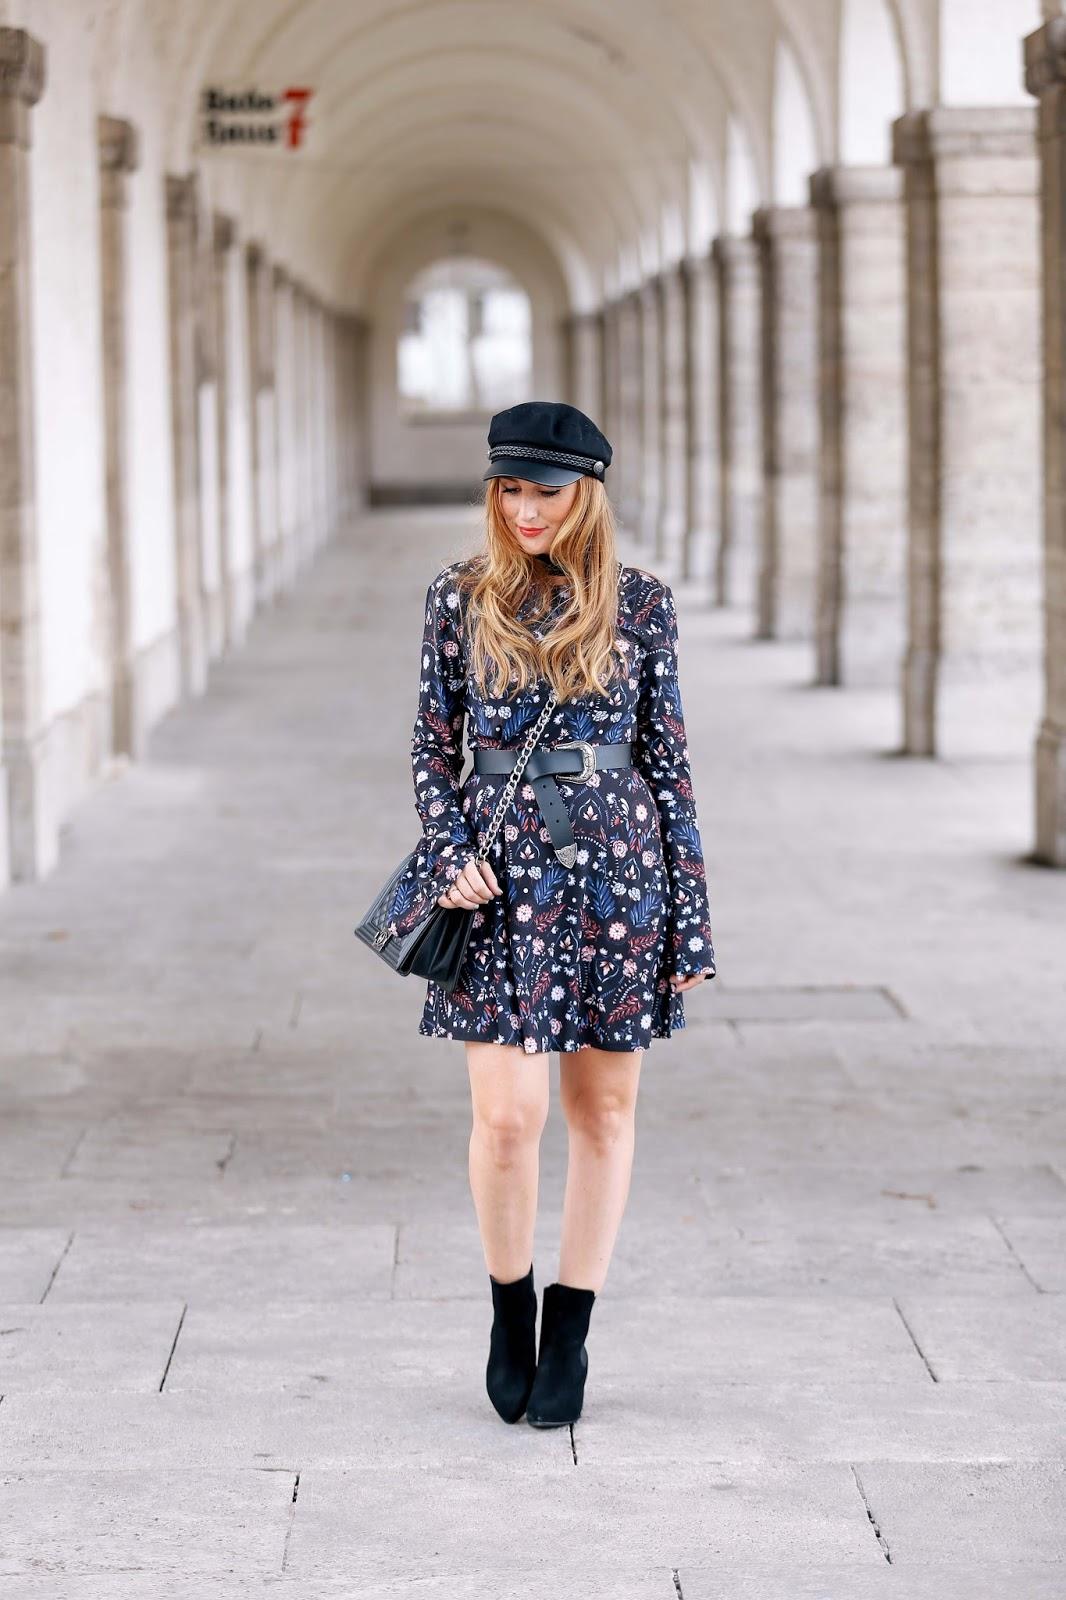 Fashionstylebyjohanna-ivyrevel-H&M-Schiffermütze-blogger-mit-schiffermütze-fashionstylebyjohanna-fashionblogger-braune-wildlederjacke-braune-lederjacke-blogger-mit-brauner-jacke